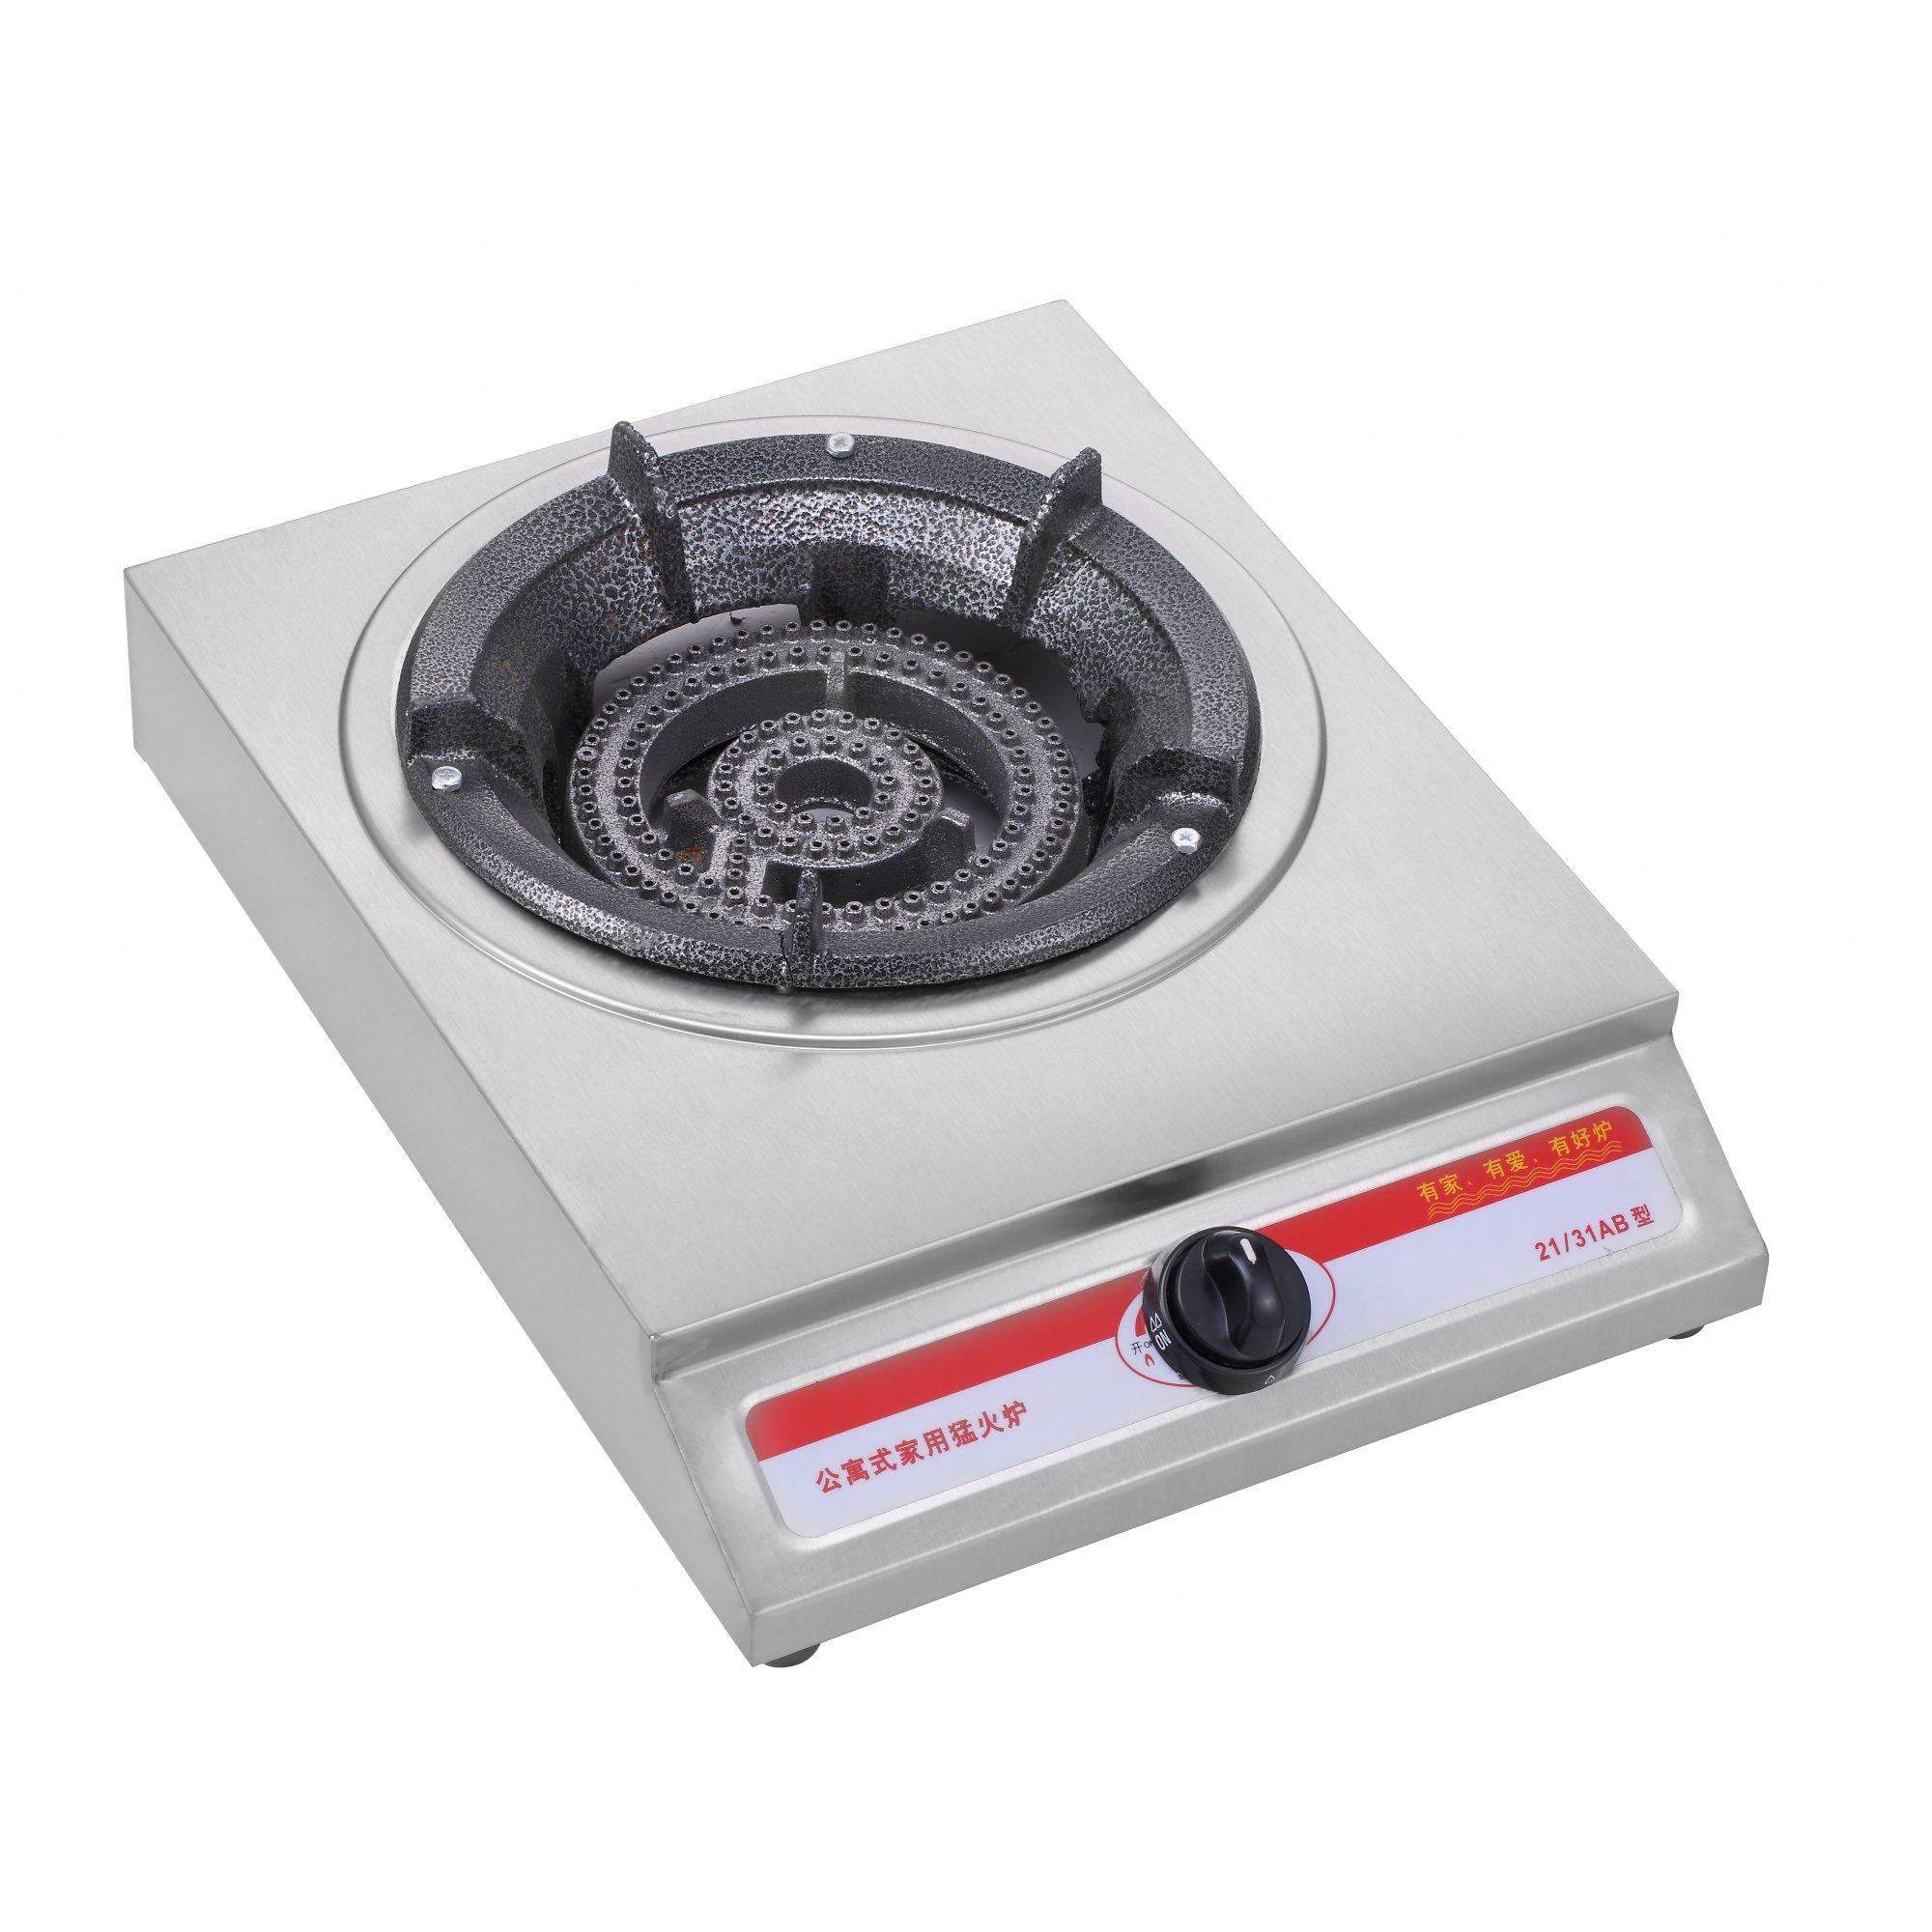 Профессиональная настольная газовая плита с 1 конфоркой.